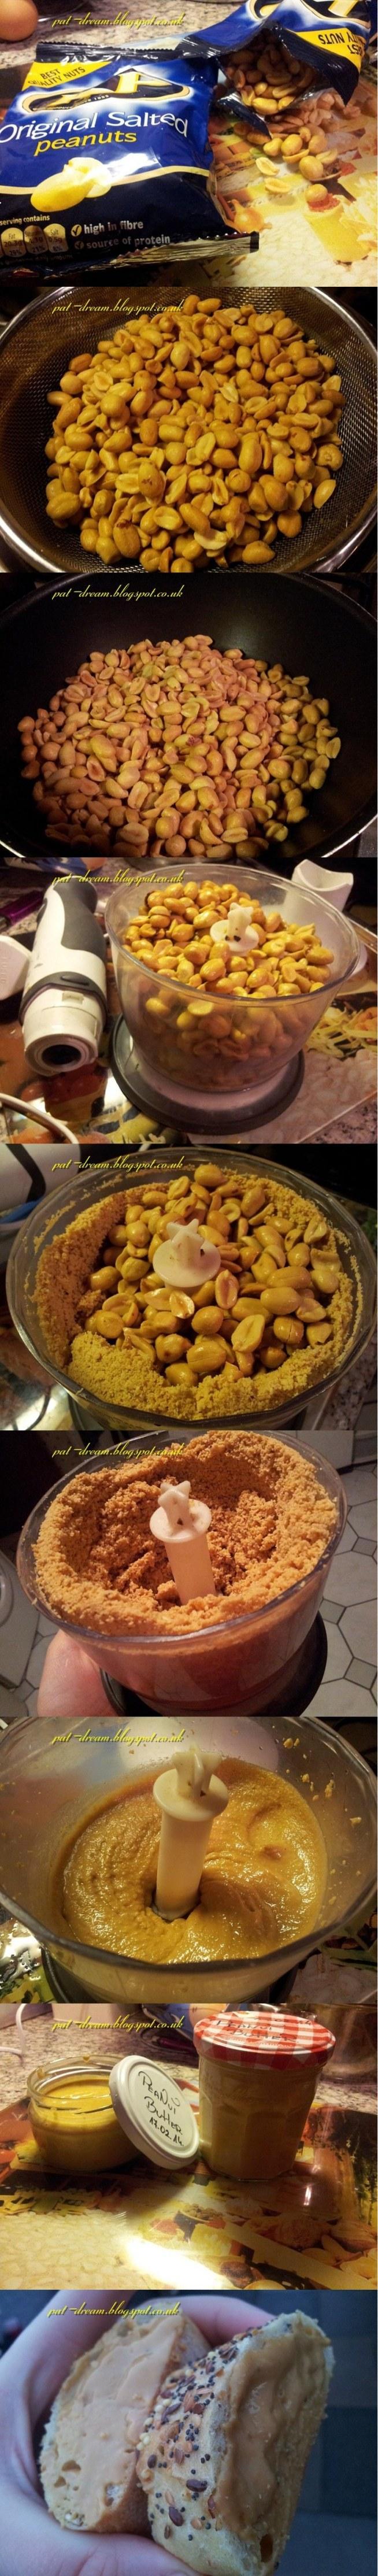 Masło orzechowe :   Składniki - 450 g orzeszków solonych - oliwa z oliwek ( psik )   Orzeszki przesiać przez sitko ( pozbyć się nadmiaru soli )  popsikać patelnie oliwa i uprażyć orzeszki , przesypać do miksera i zmiksować ! :) Gotowe :)   Mi z takiej ilość wyszły dwa słoiczki ! :)  Pyszne , smaczniejsze niż kupowane i wiesz co w nim jest ! :)